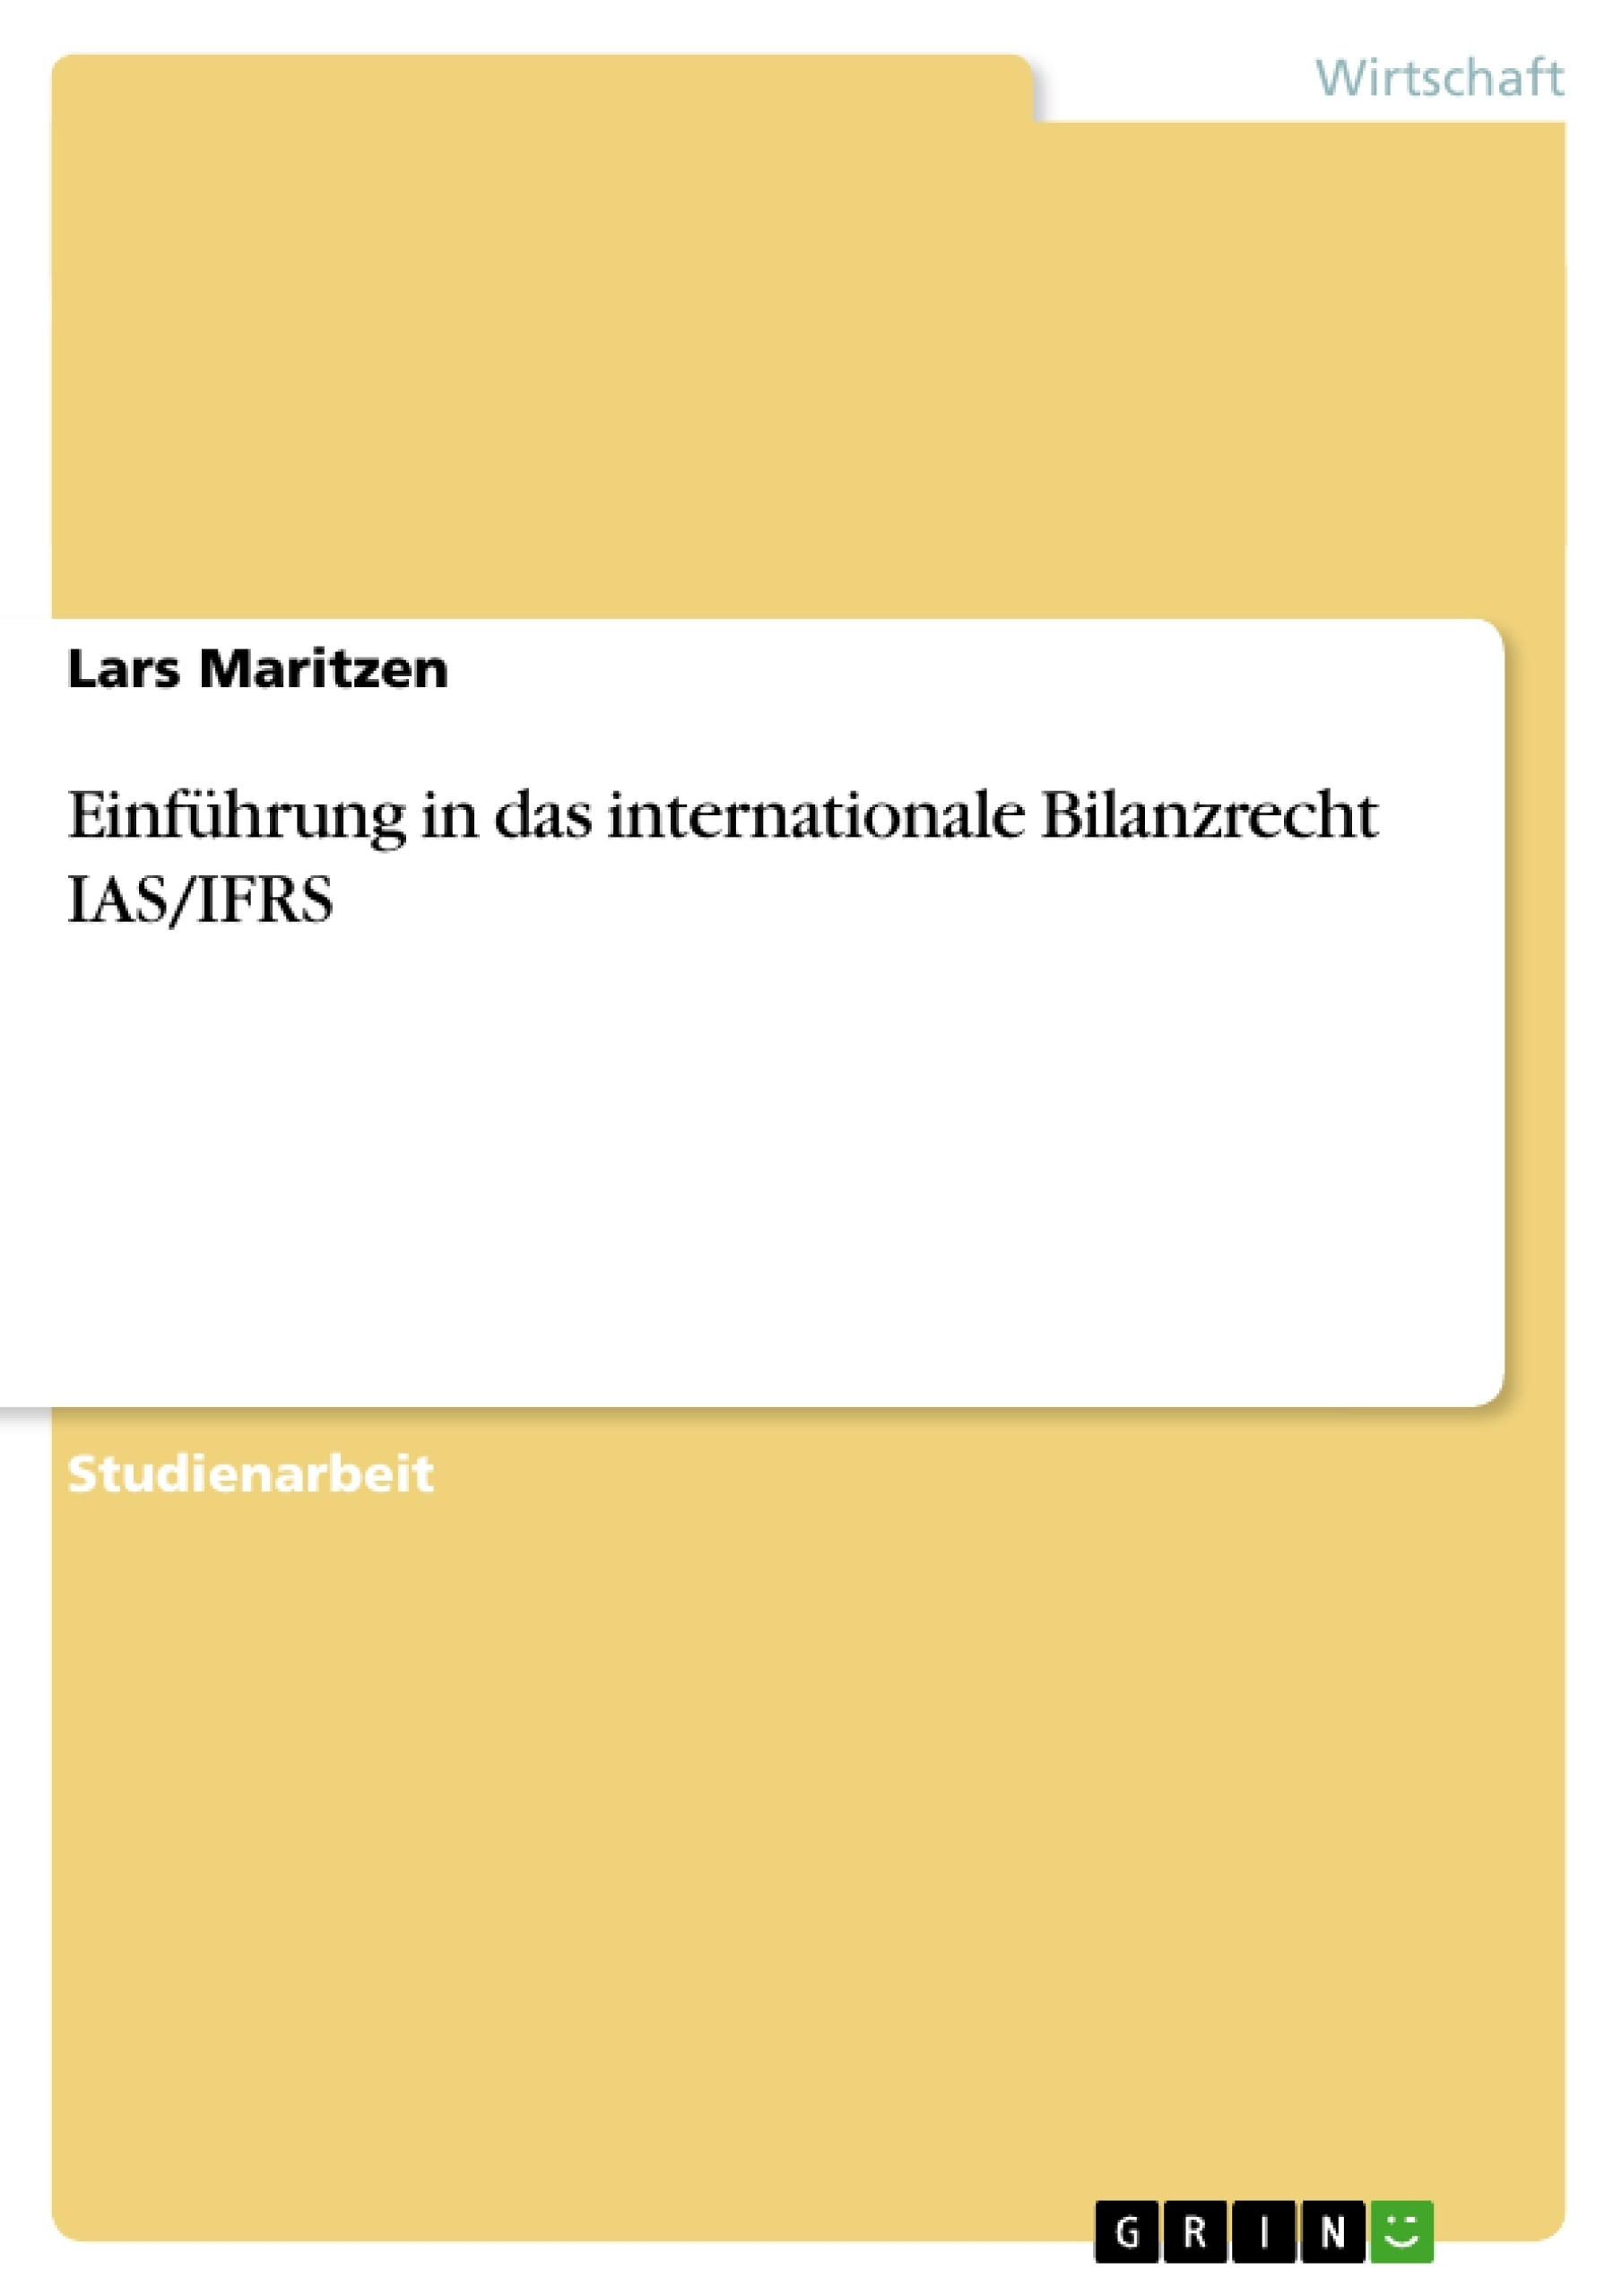 Titel: Einführung in das internationale Bilanzrecht IAS/IFRS